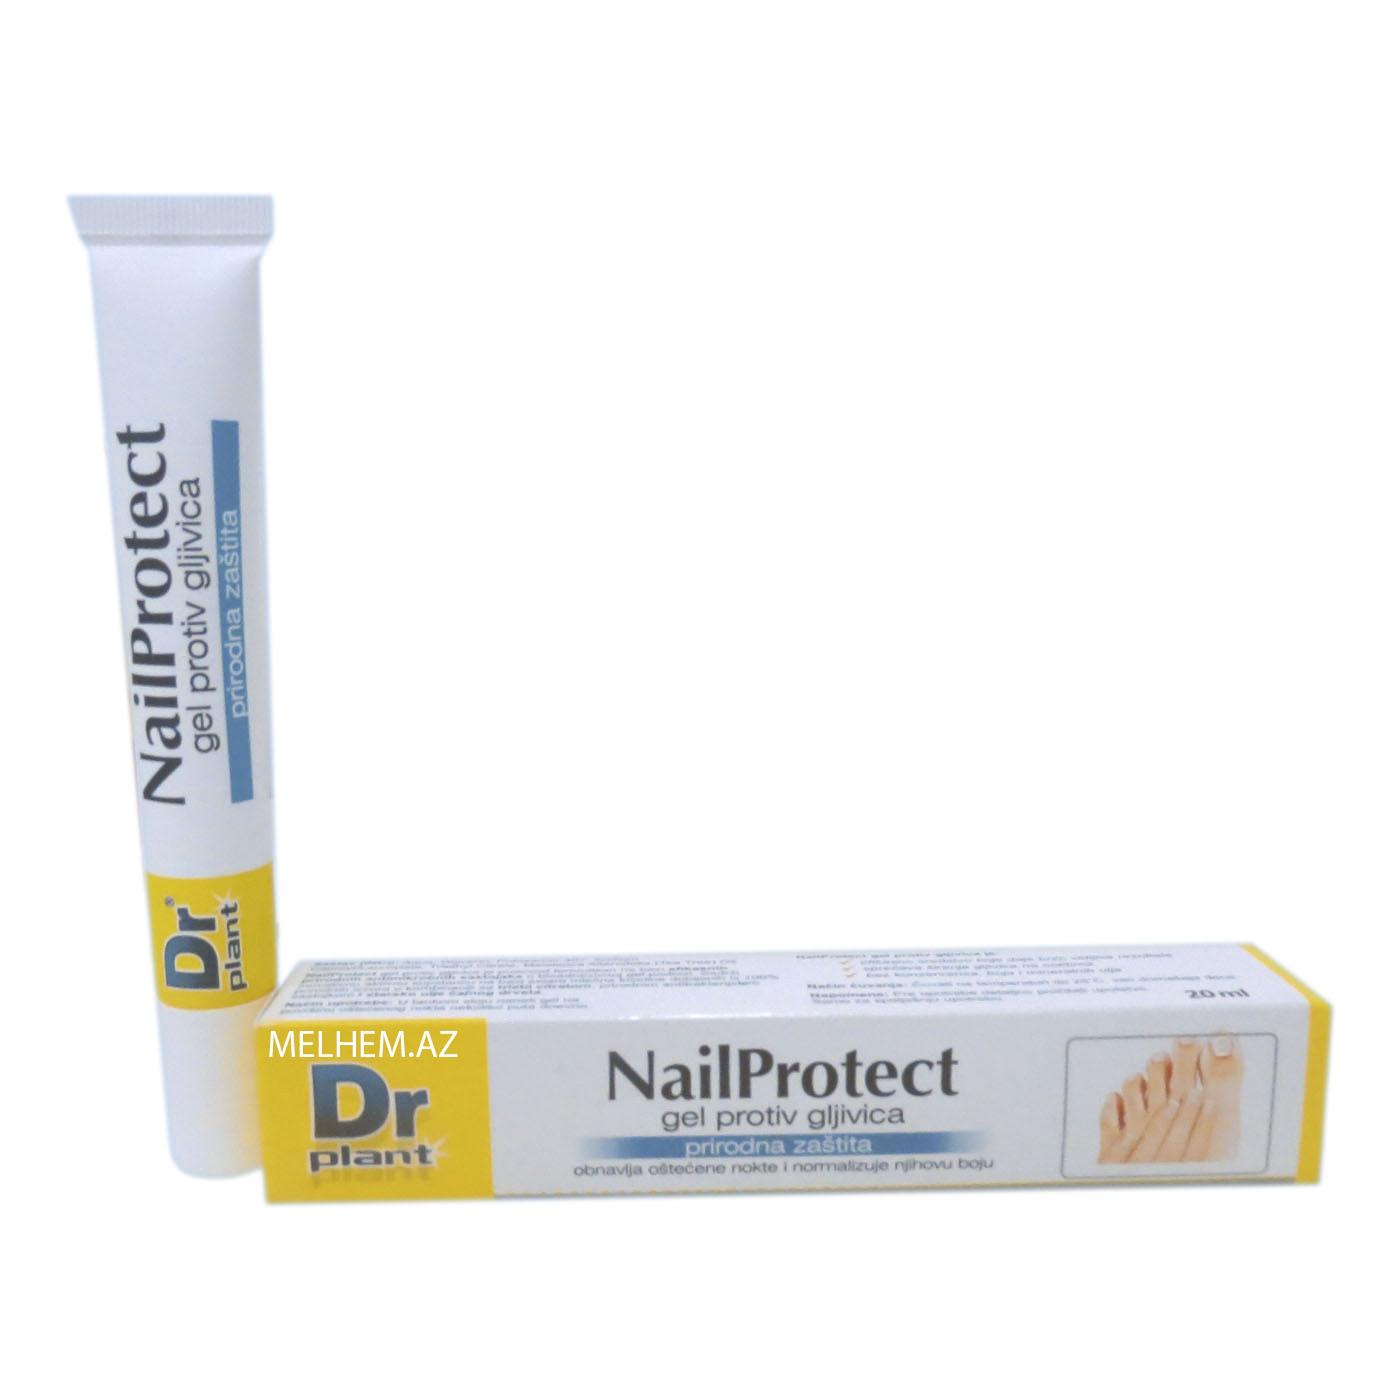 NAIL PROTECT